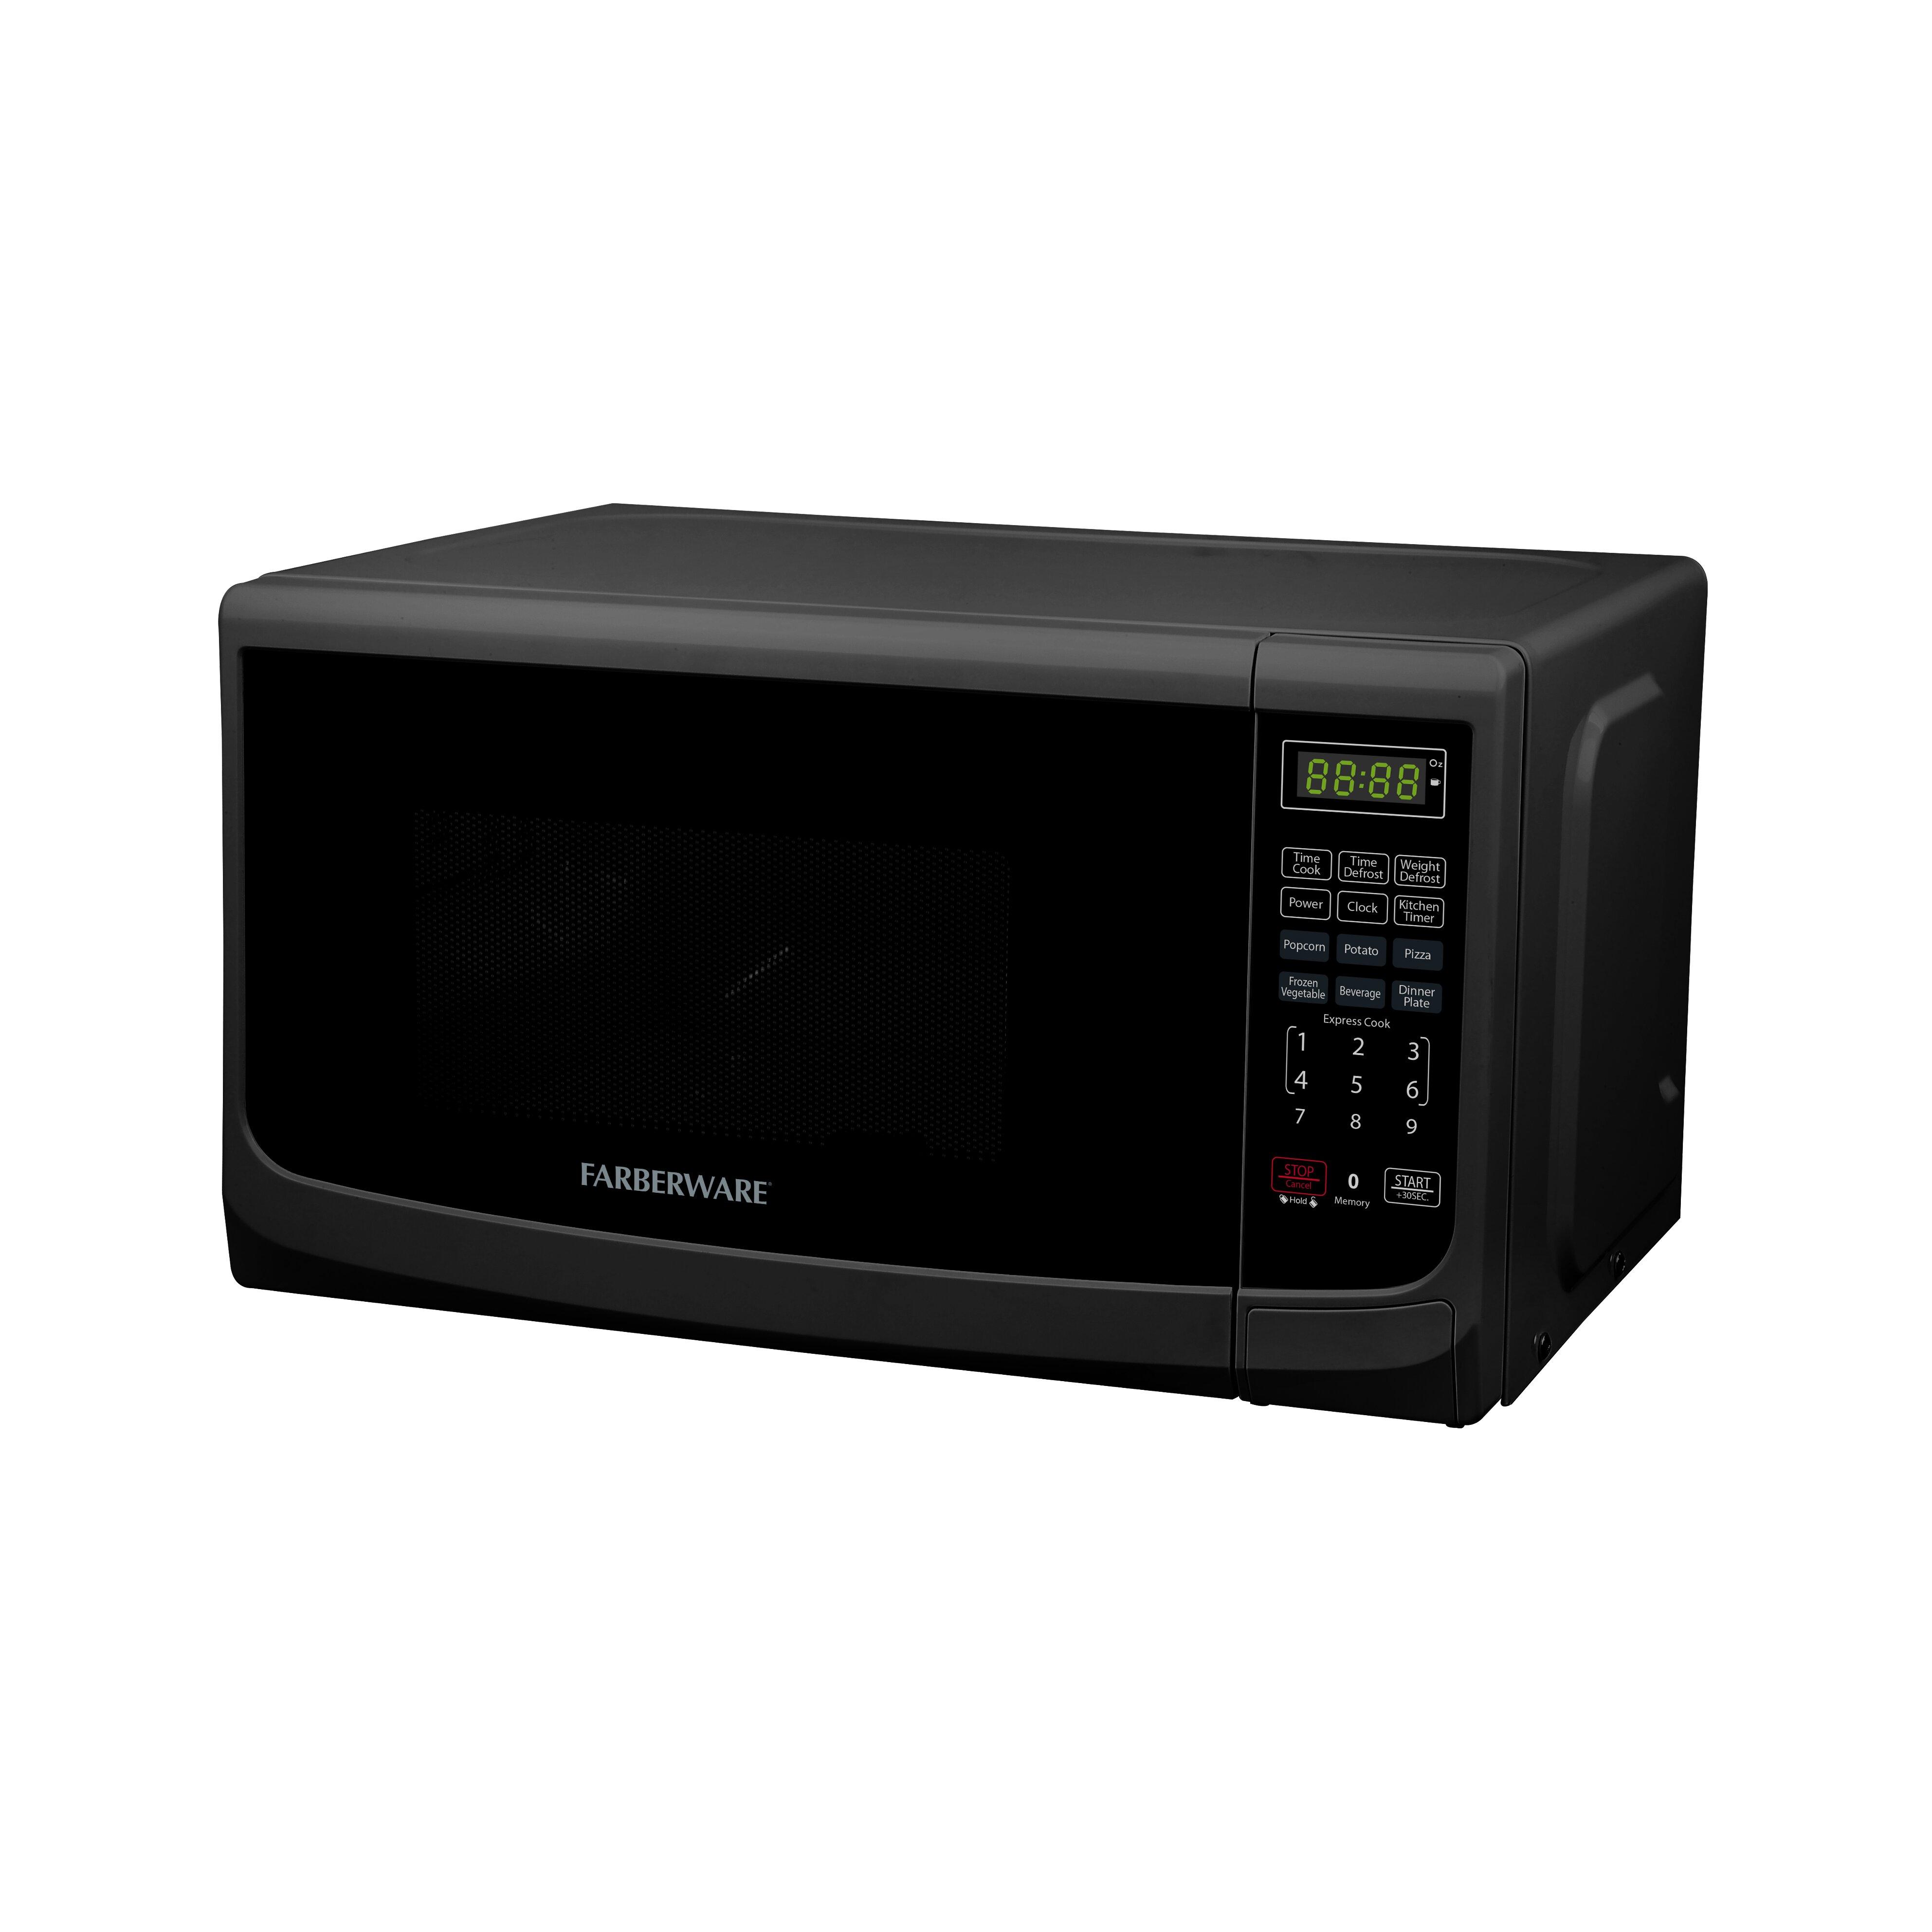 Countertop Oven Farberware : Classic 0.7 Cu. Ft. 700W Countertop Microwave Oven by Farberware